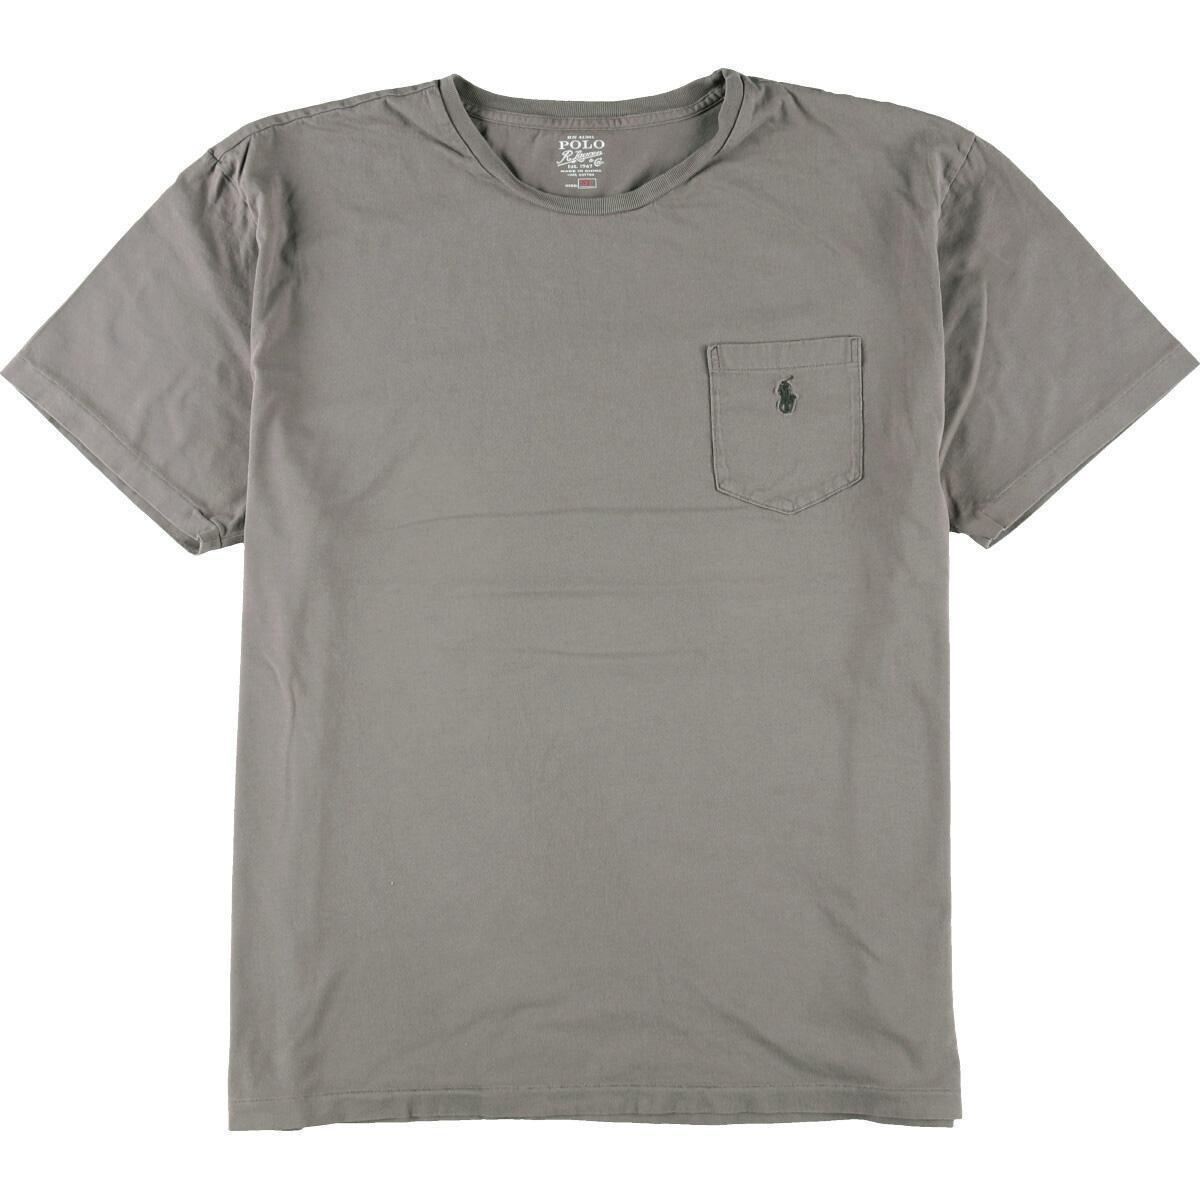 ラルフローレン Ralph Lauren POLO RALPH LAUREN 半袖 ワンポイントロゴポケットTシャツ メンズXL /eaa161576_画像1